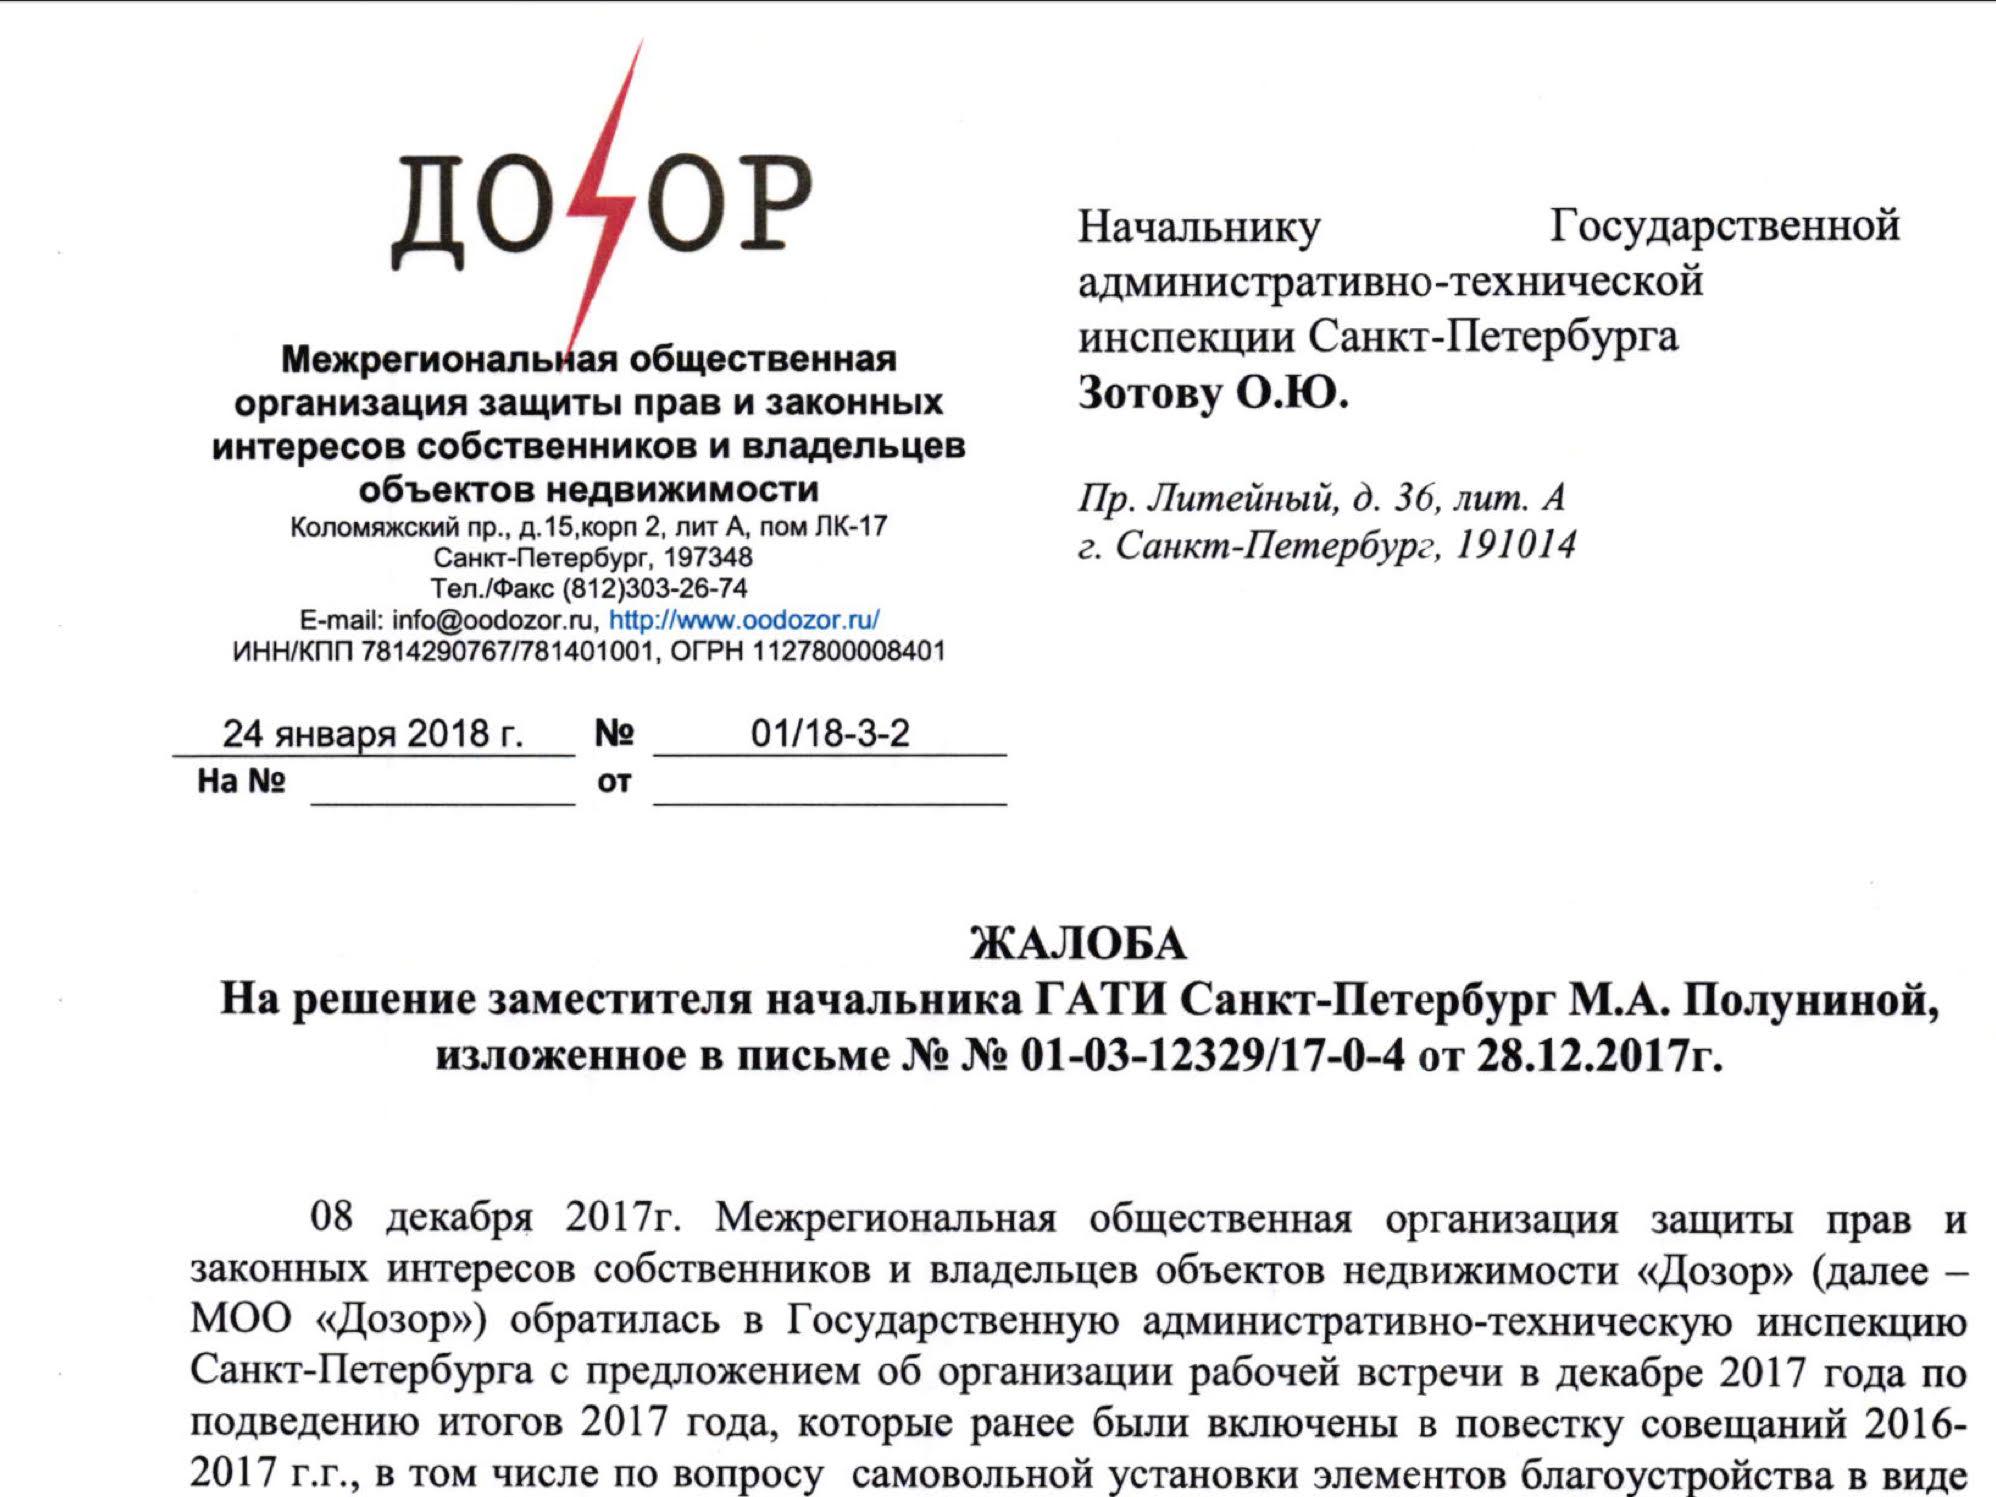 Жалоба на решение заместителя начальника ГАТИ Санкт-Петербурга Полуниной М.А